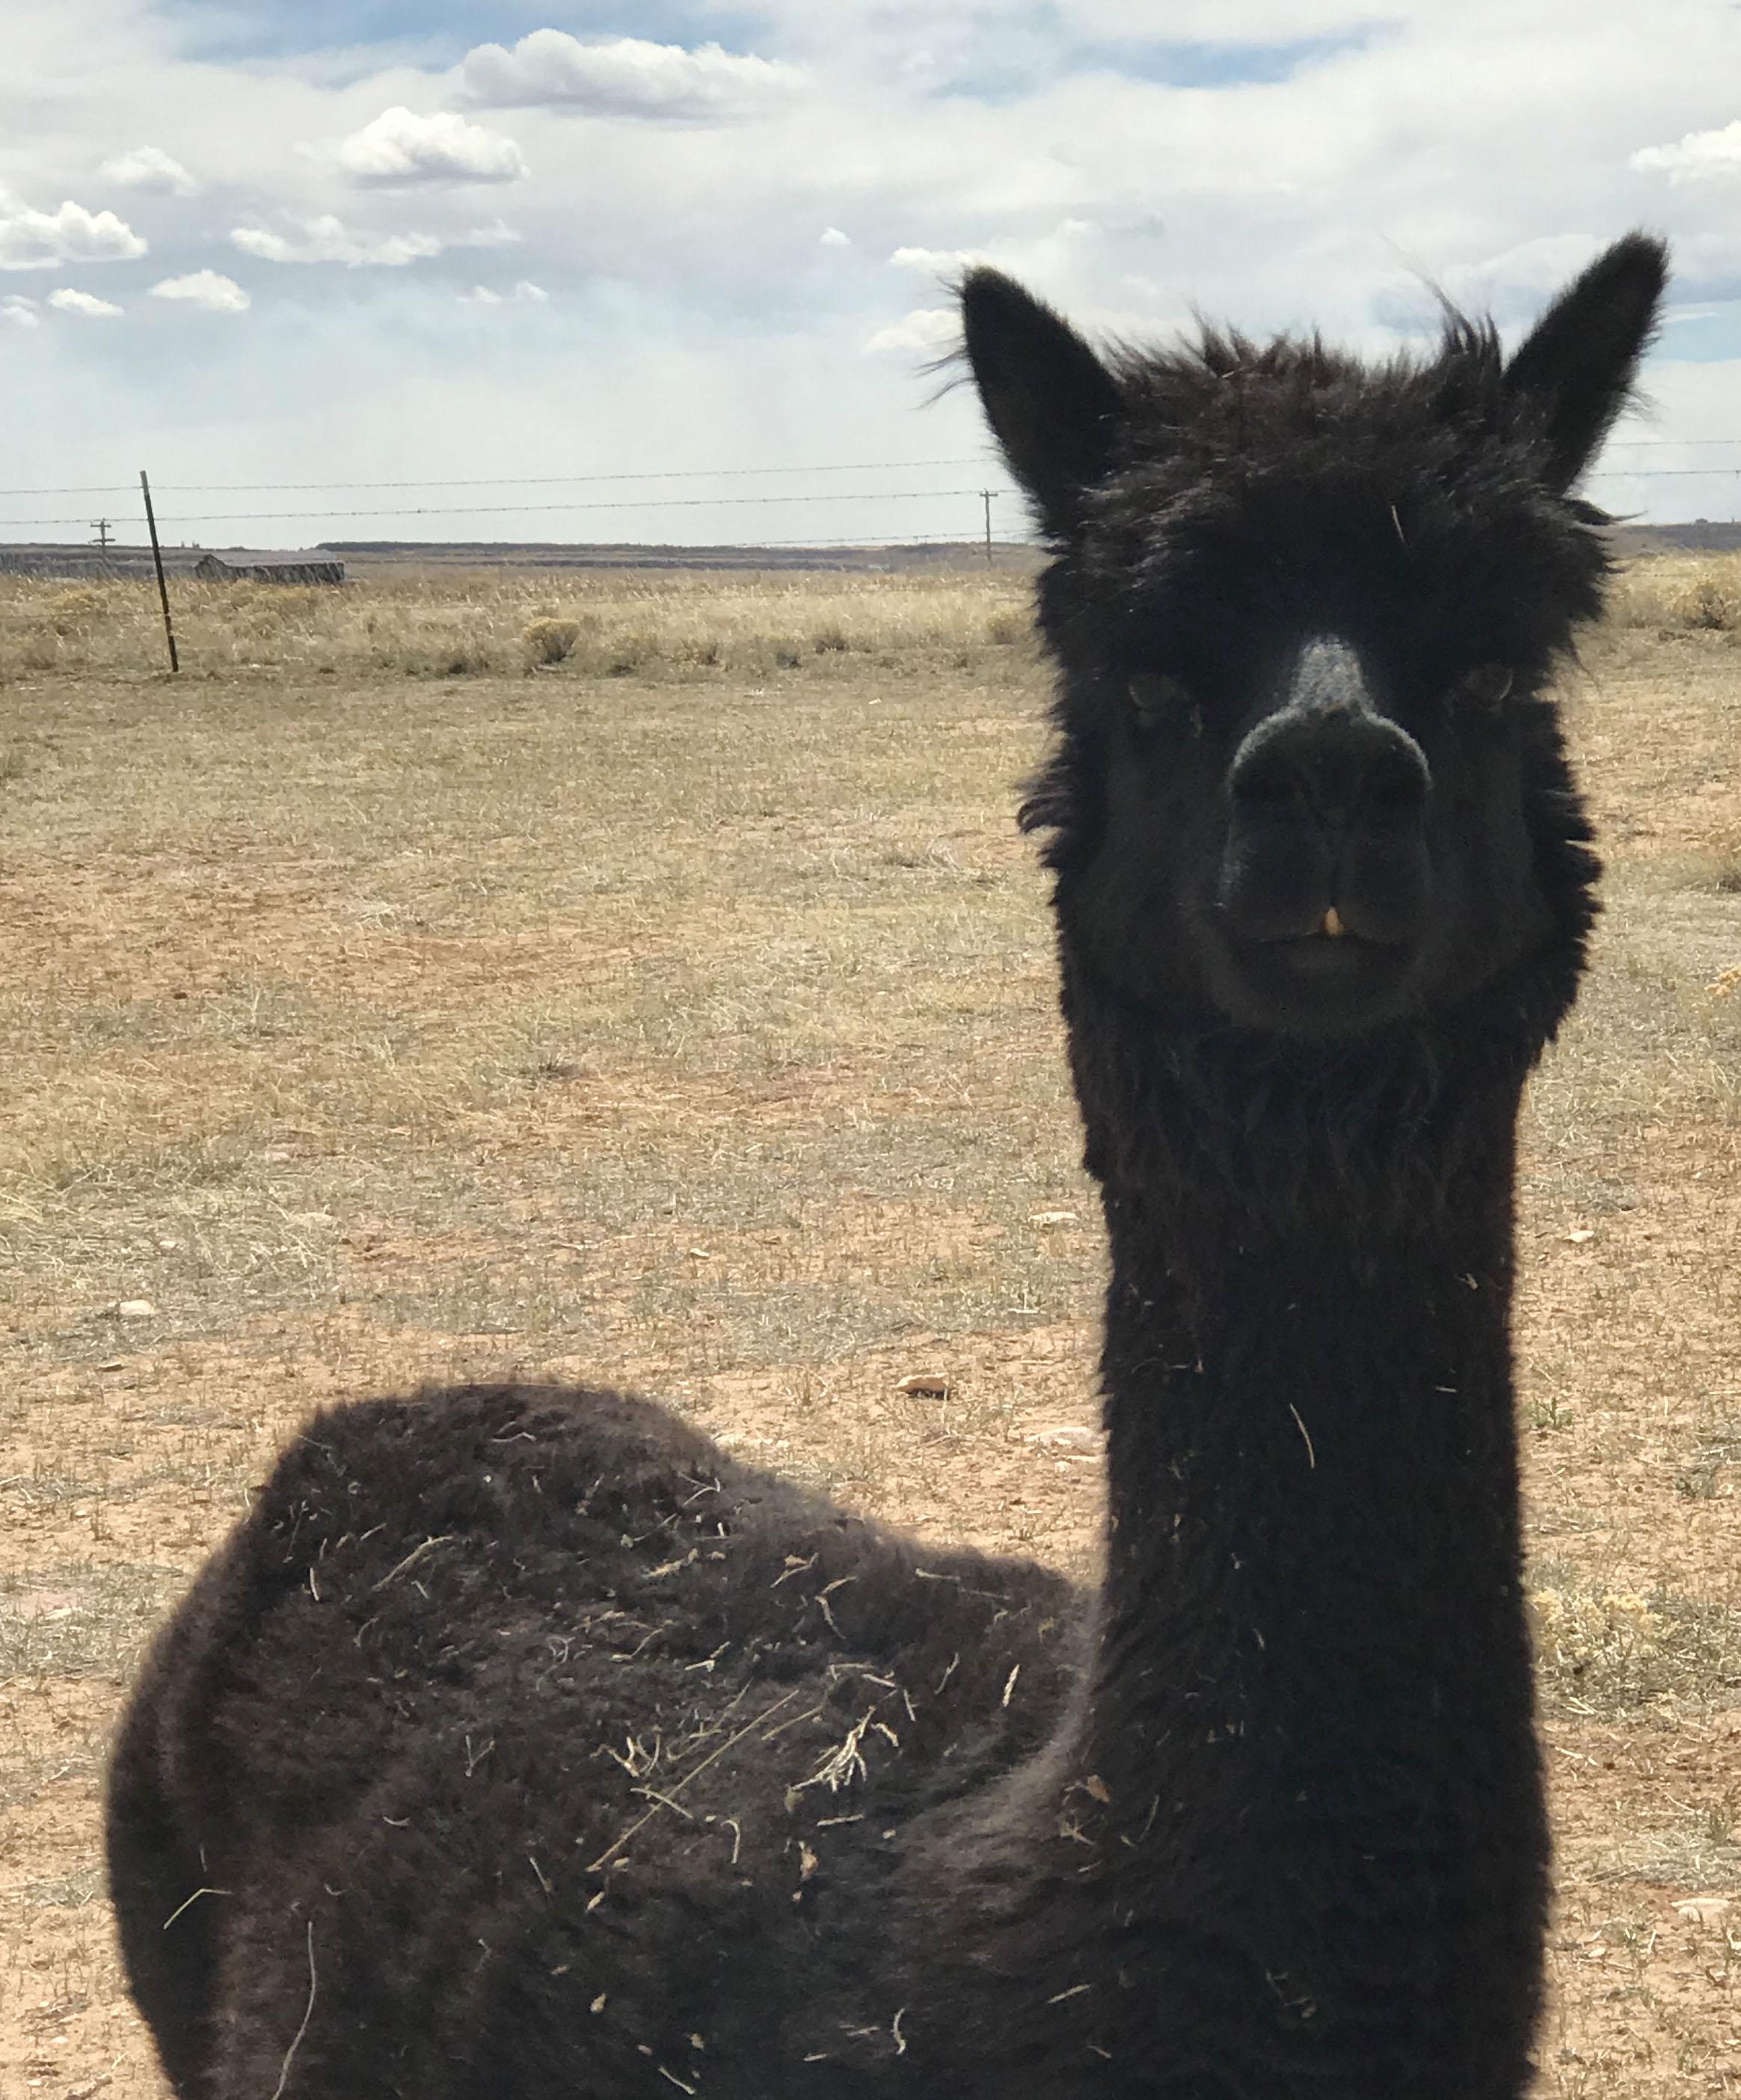 Theo the alpaca